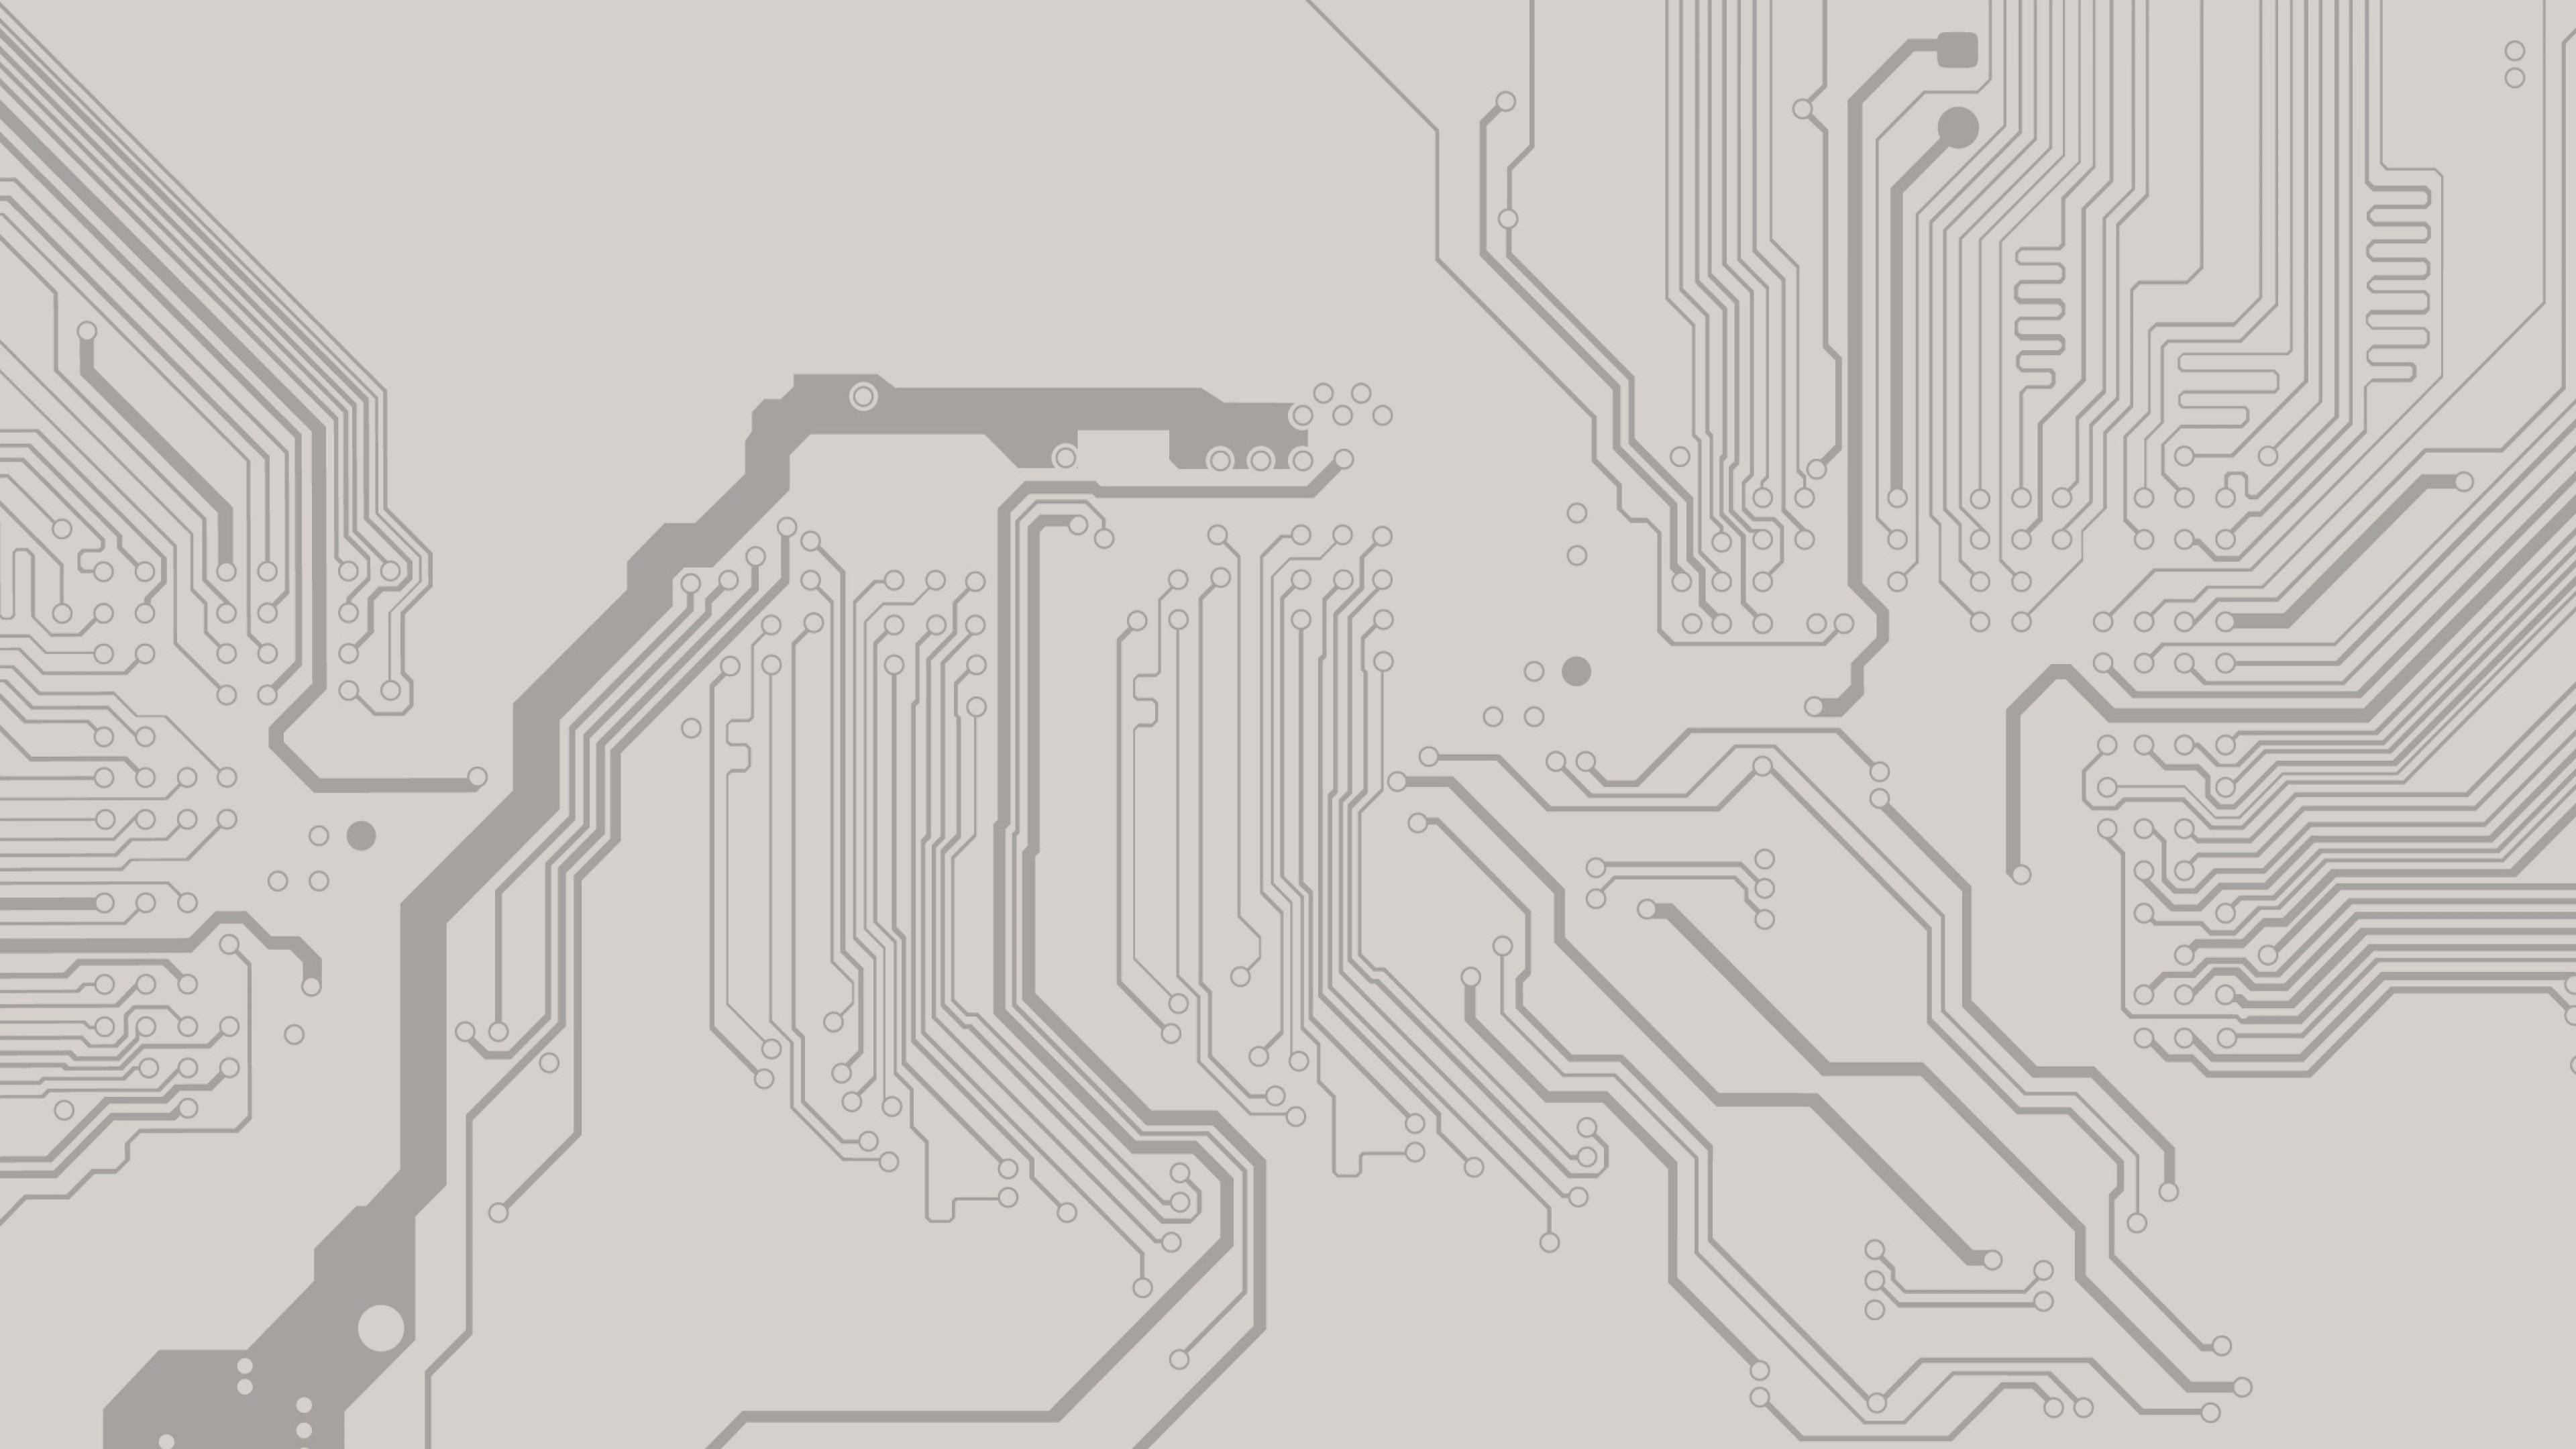 circuit board graphic design